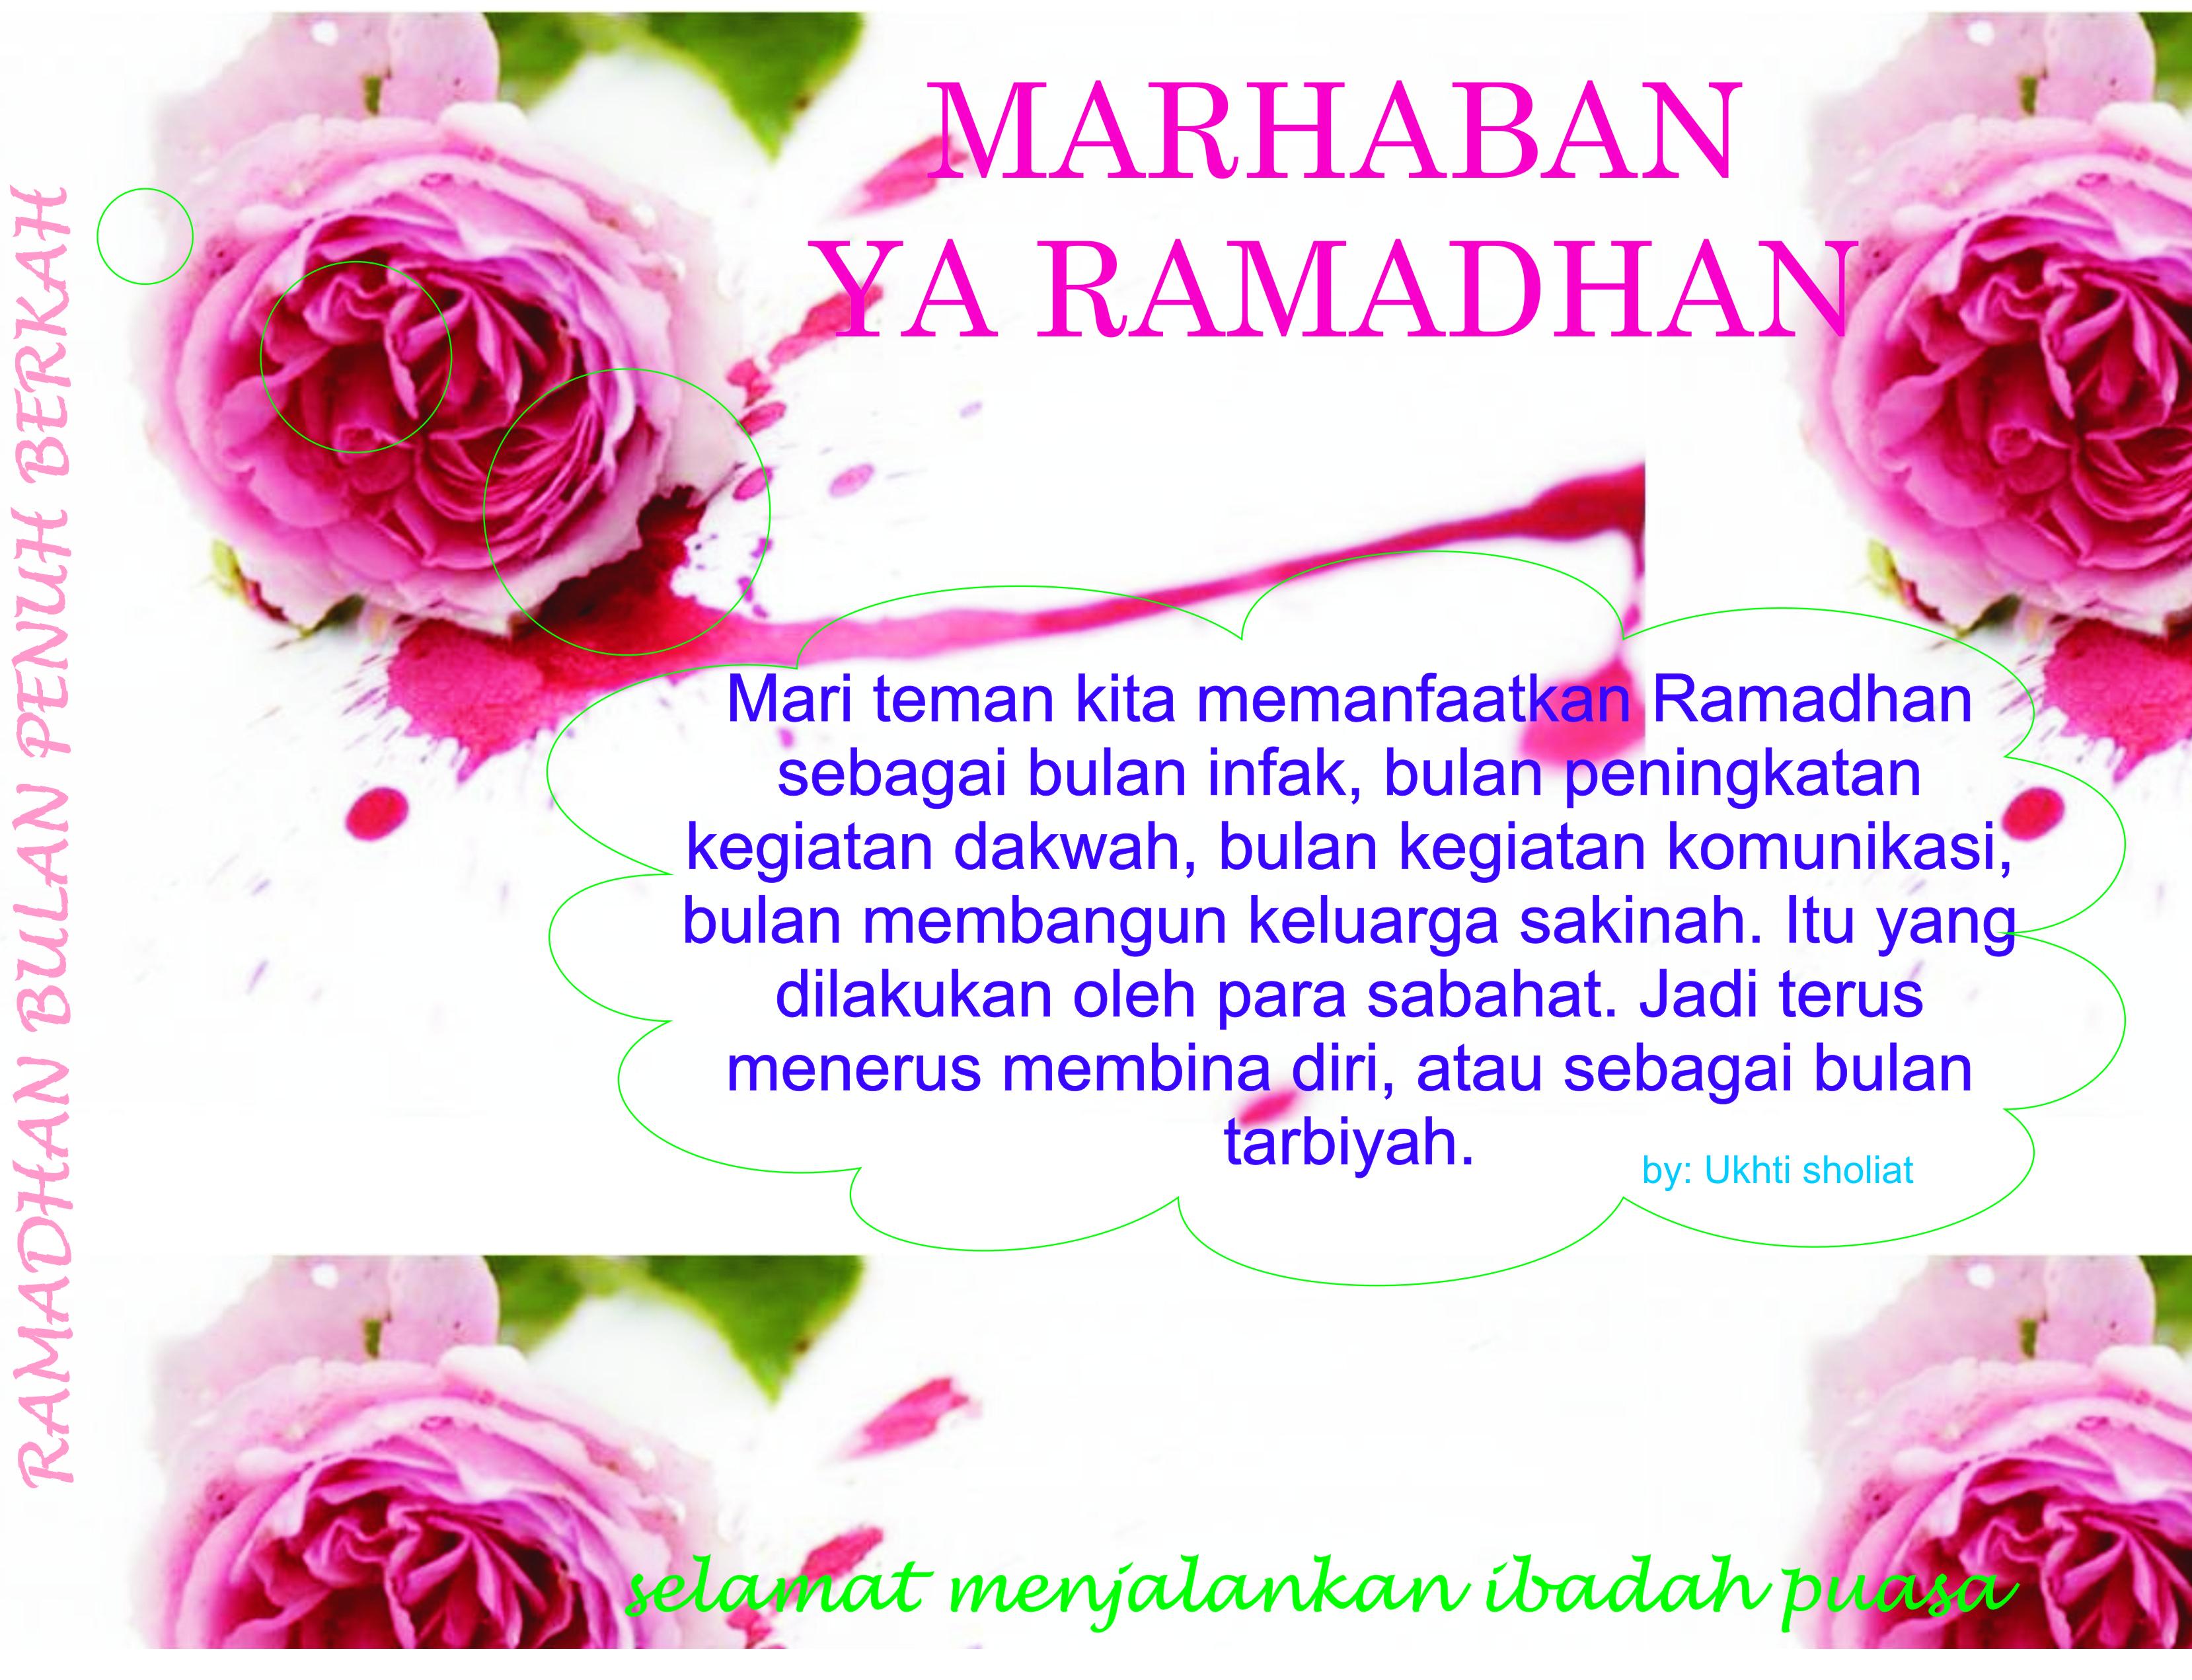 Ramadhan Kak Anim